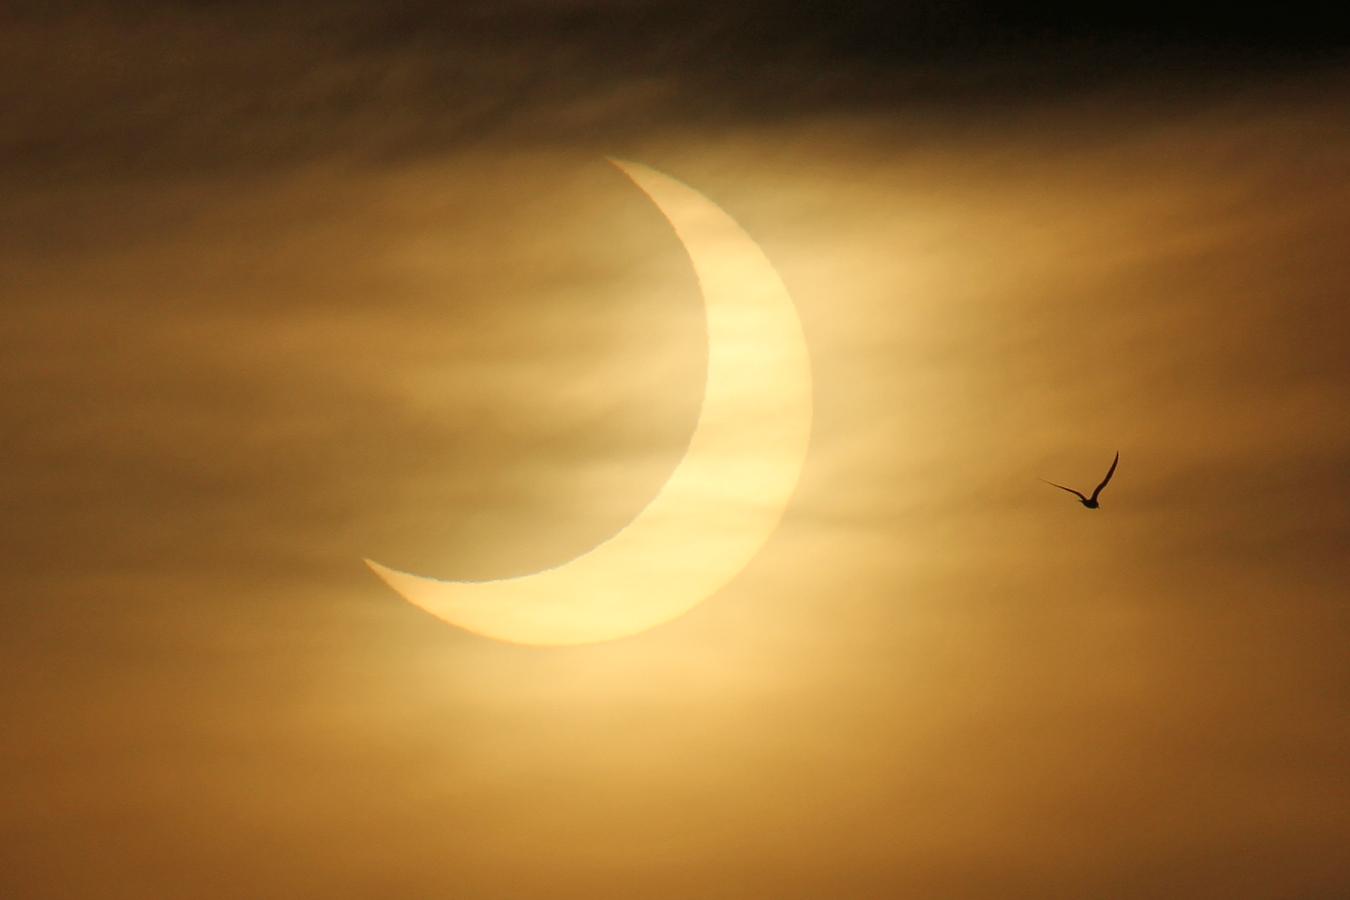 Une mouette vole devant le soleil partiellement éclipsé sur cette superbe photo des photographes Imelda Joson et Edwin Aguirre au Black Falcon Cruise Ship Terminal à Boston le 10 juin 2021.